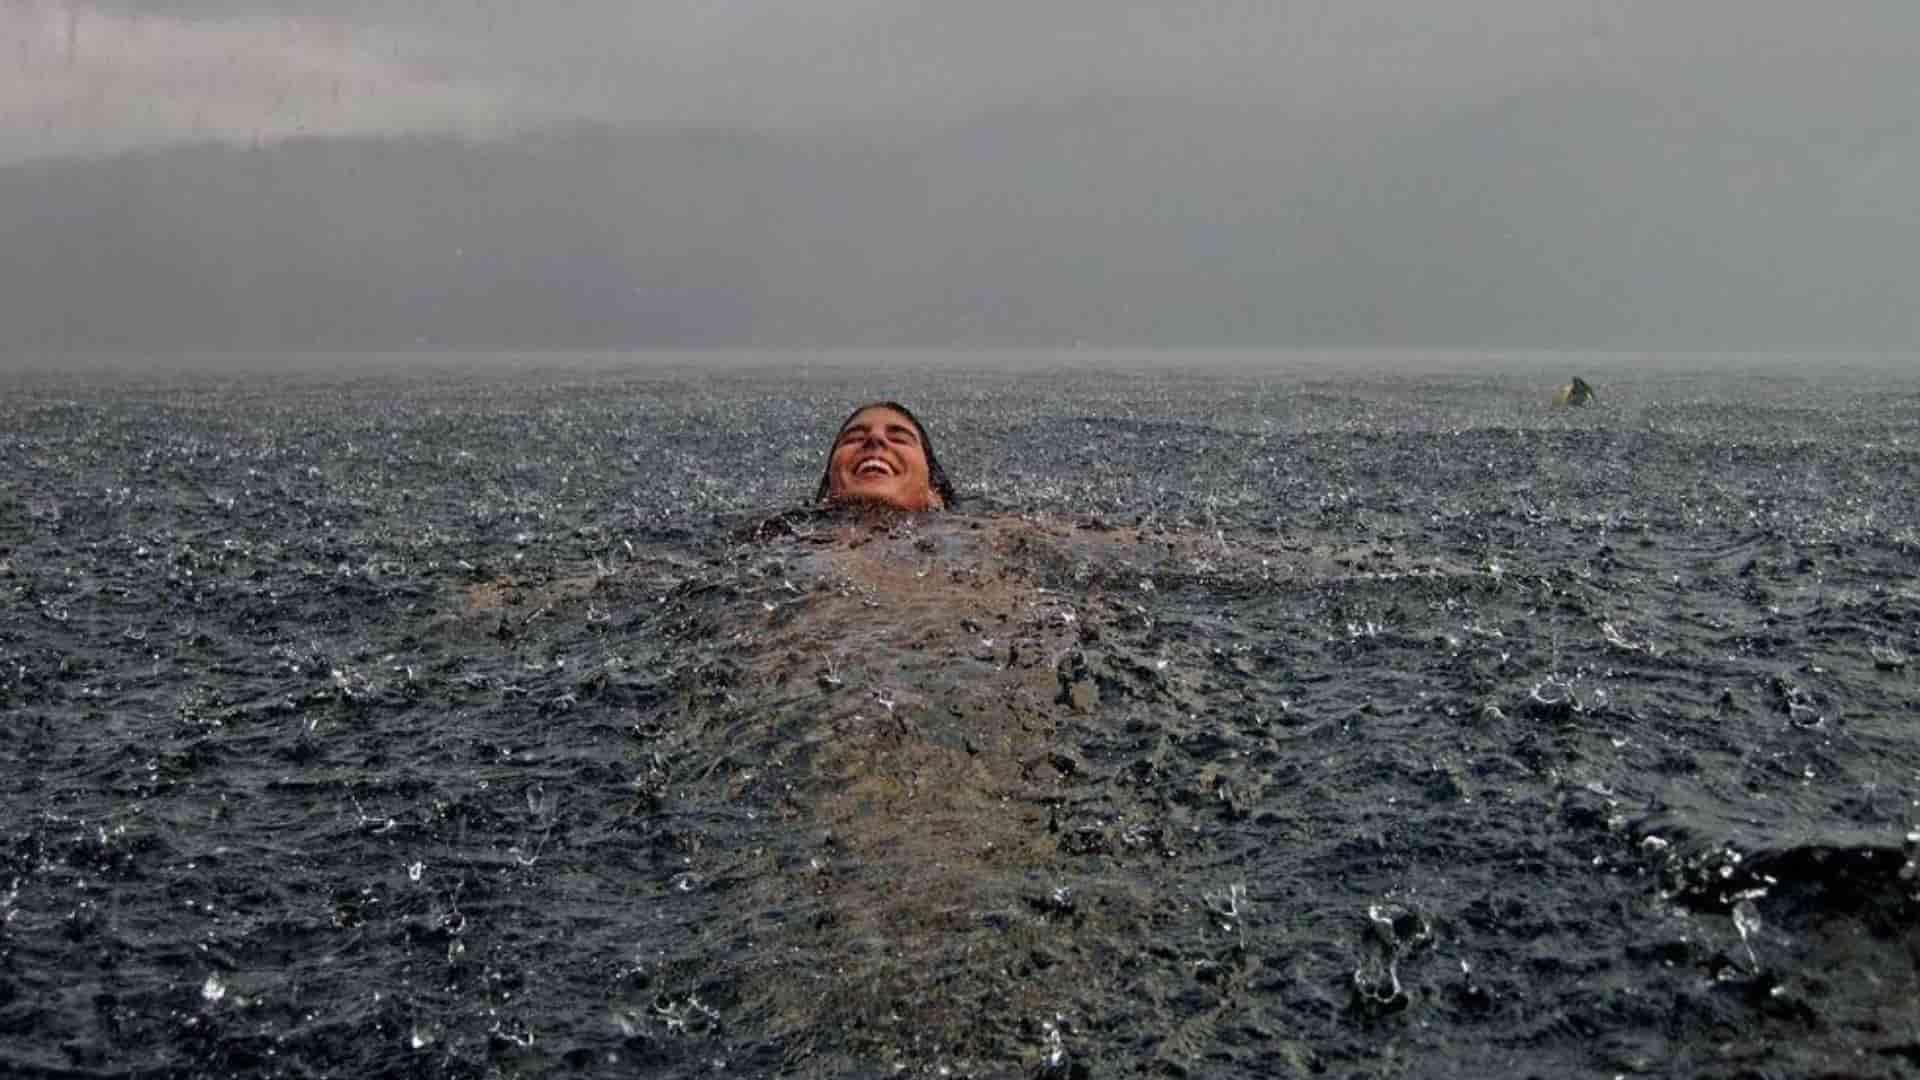 Swim in the rain